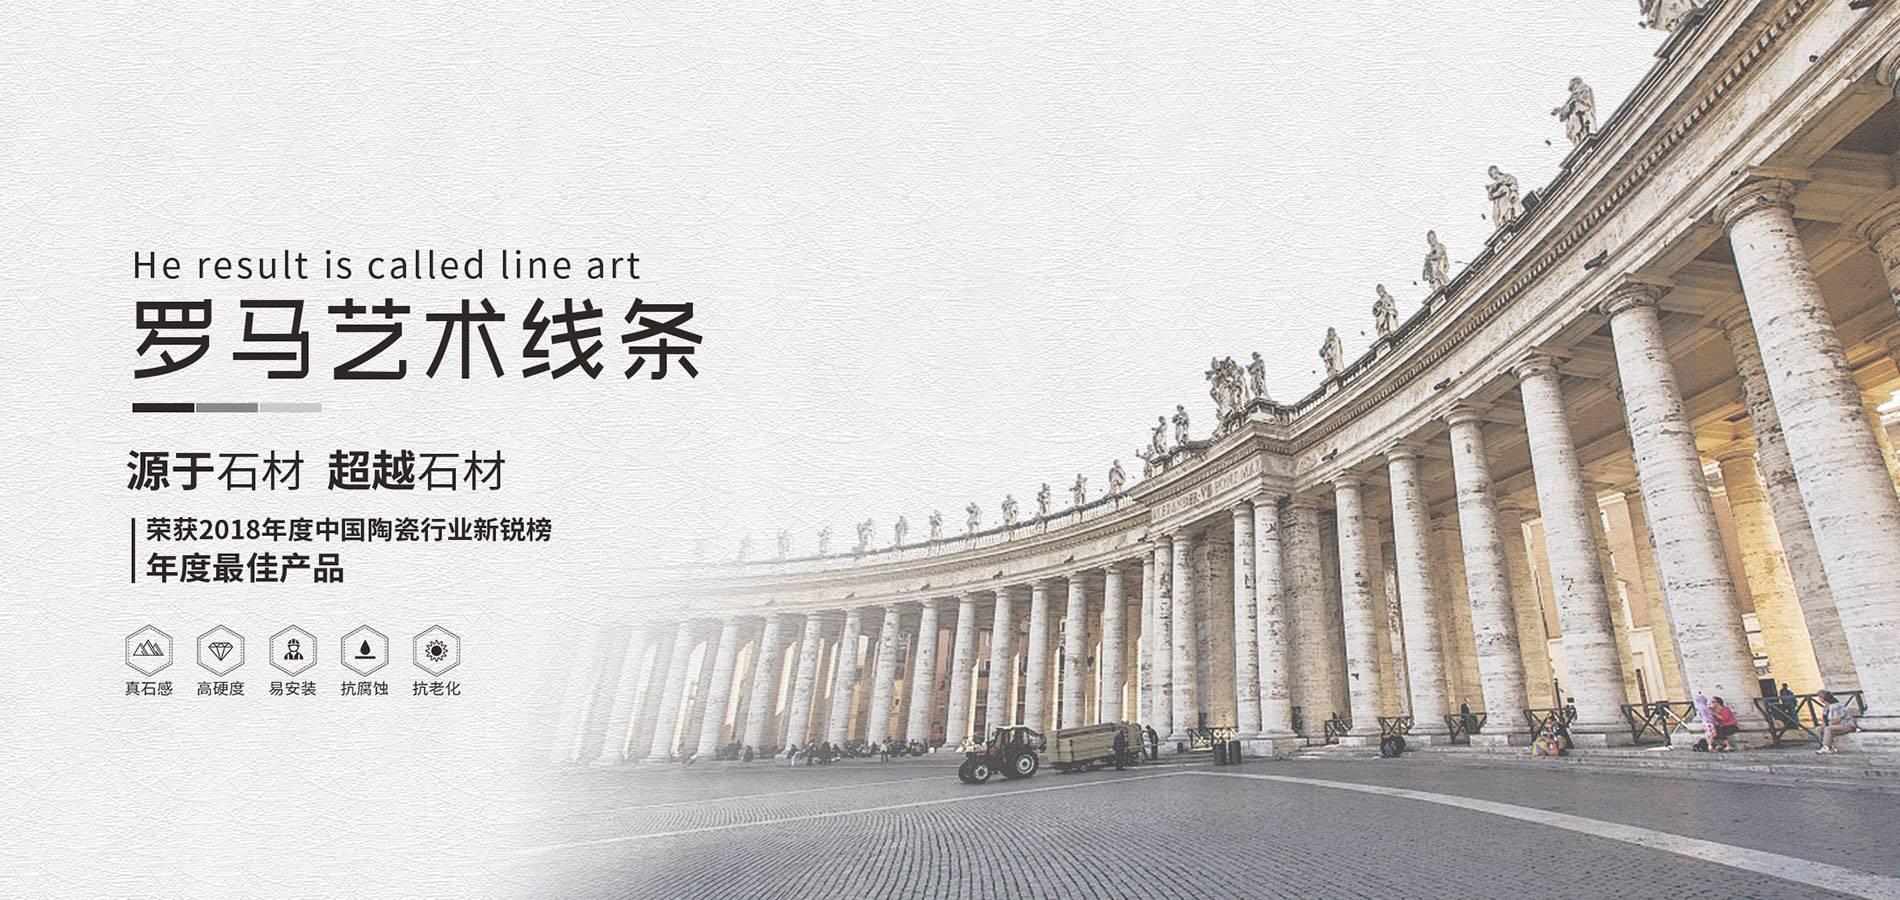 罗马柱瓷砖